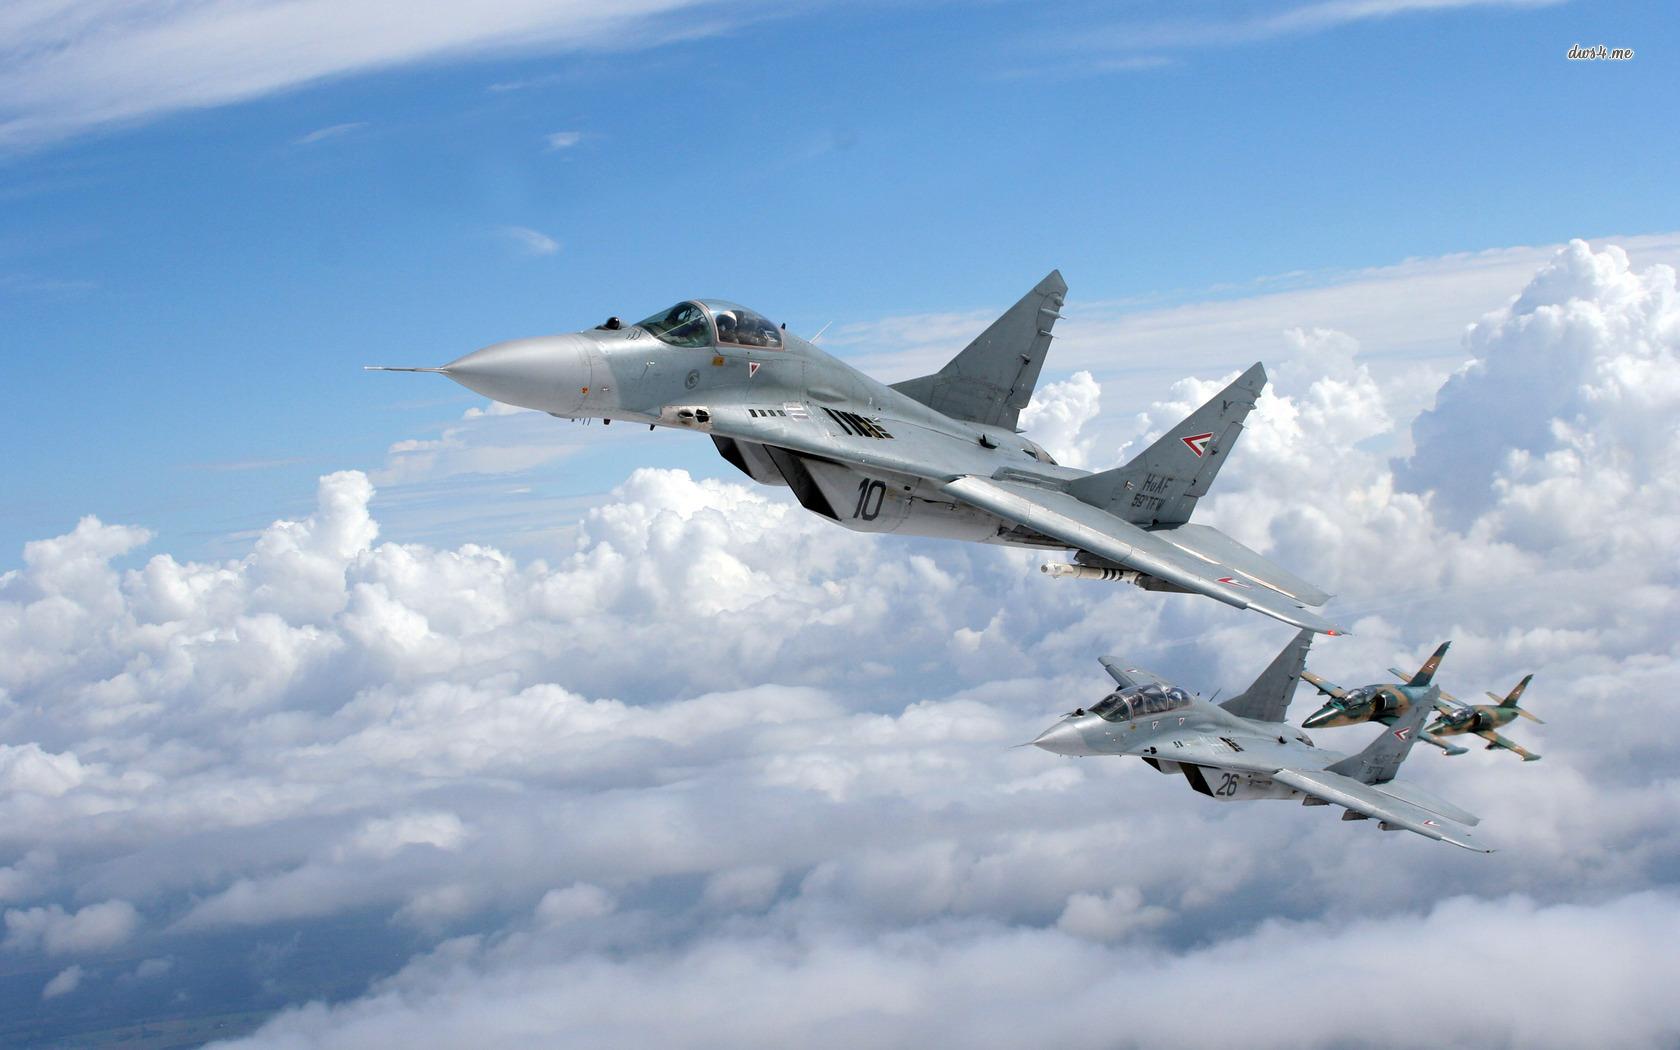 Кабинетът отпусна над 80 млн. лв. за ремонта на Су-25